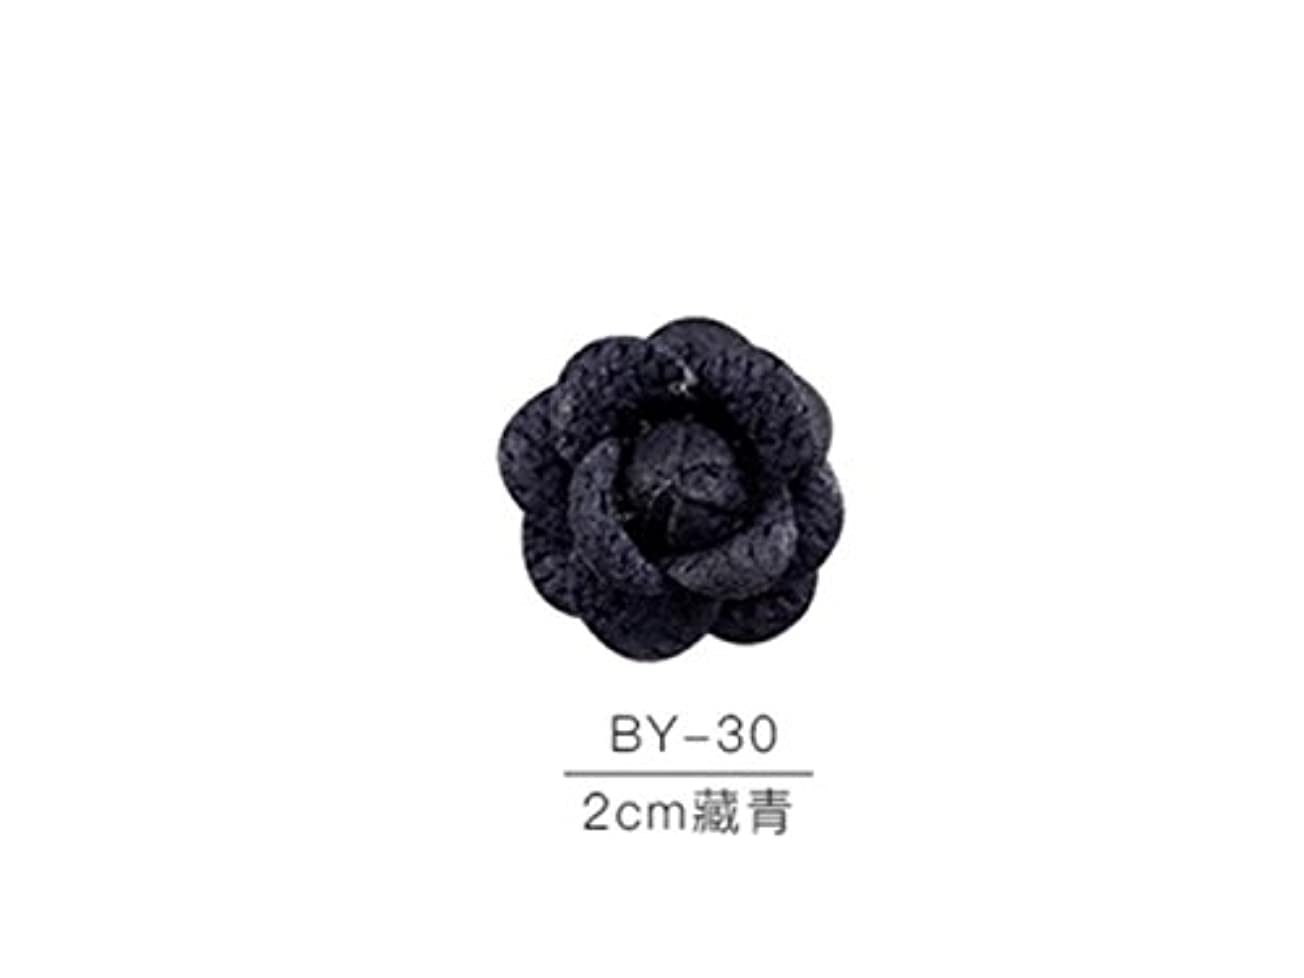 品種ブラウズスチュアート島Osize カラフルネイルアート樹脂布カメリアネイルジュエリーファブリックネイルアートデコレーションネイルステッカー(ネイビー)